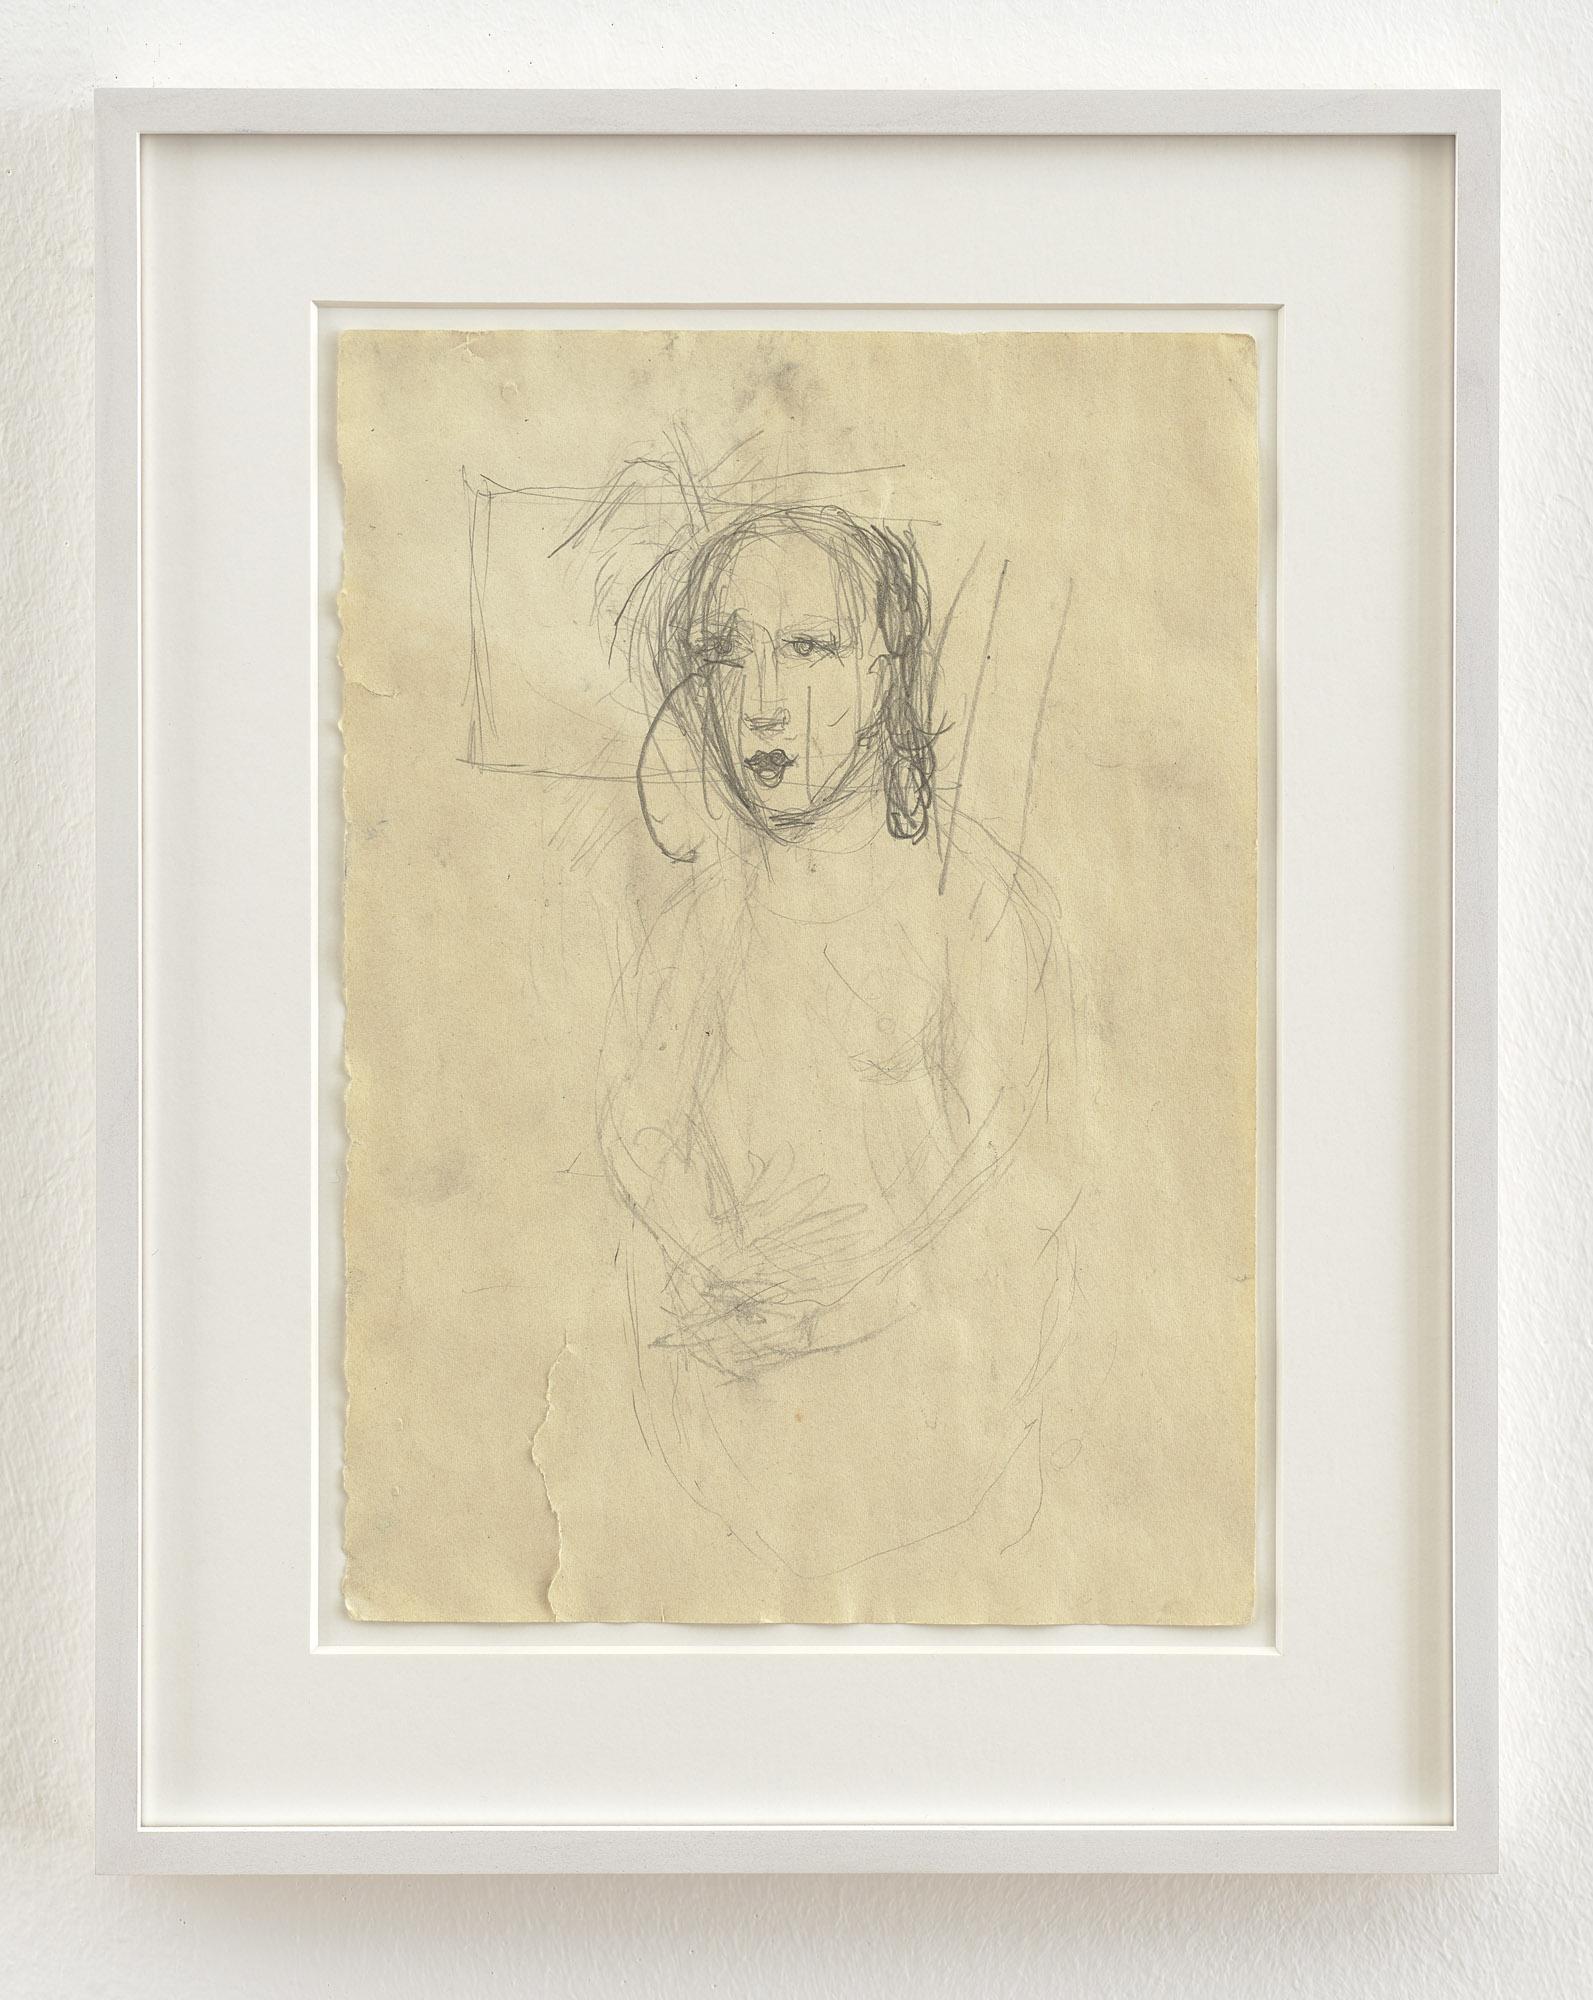 Clara Schumann III |1999-2000 | Bleistift auf Papier | 29 x 21 cm